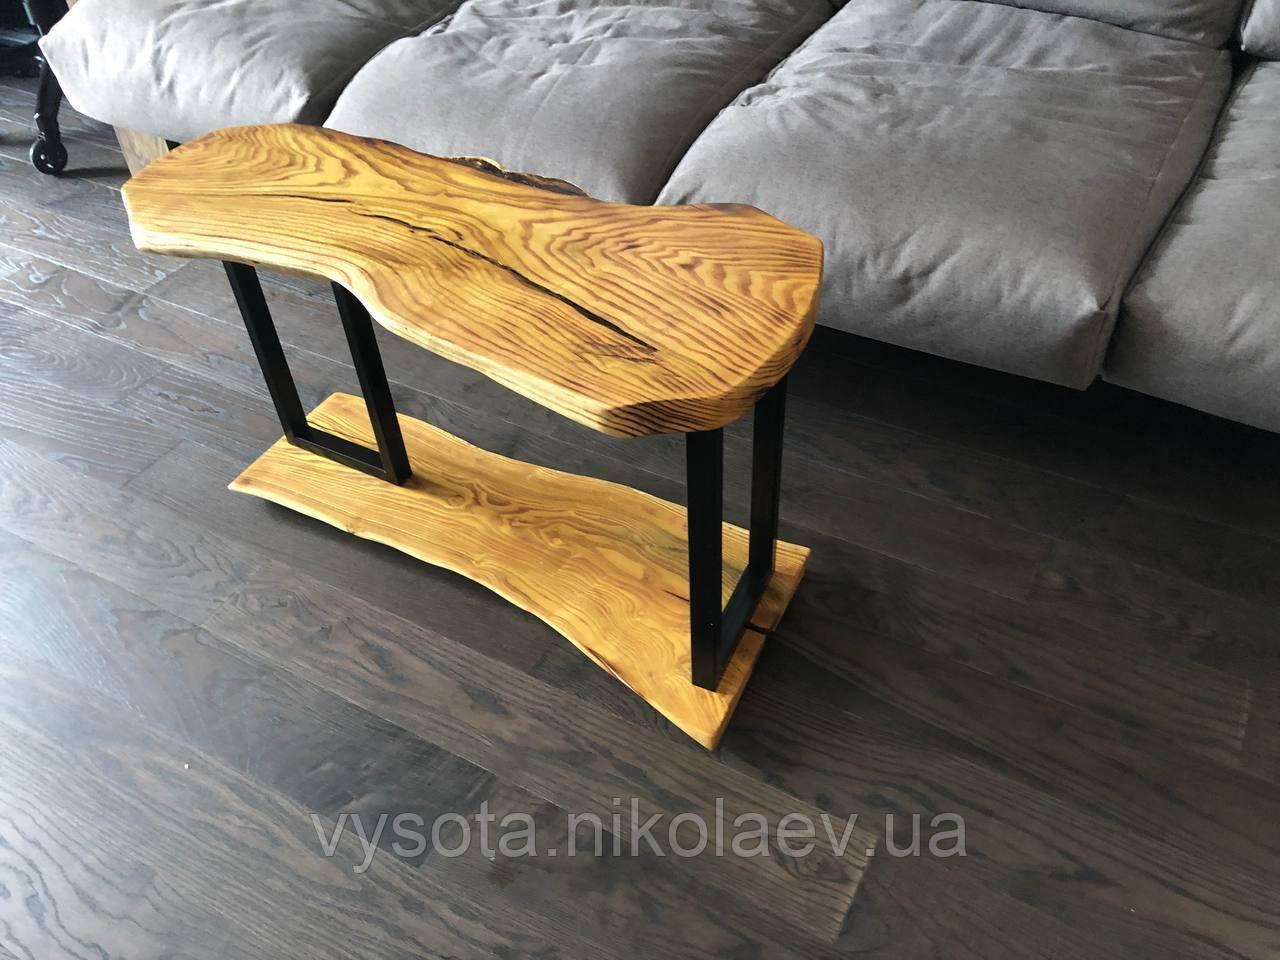 Журнальний столик з натурального дерева Шовковиця